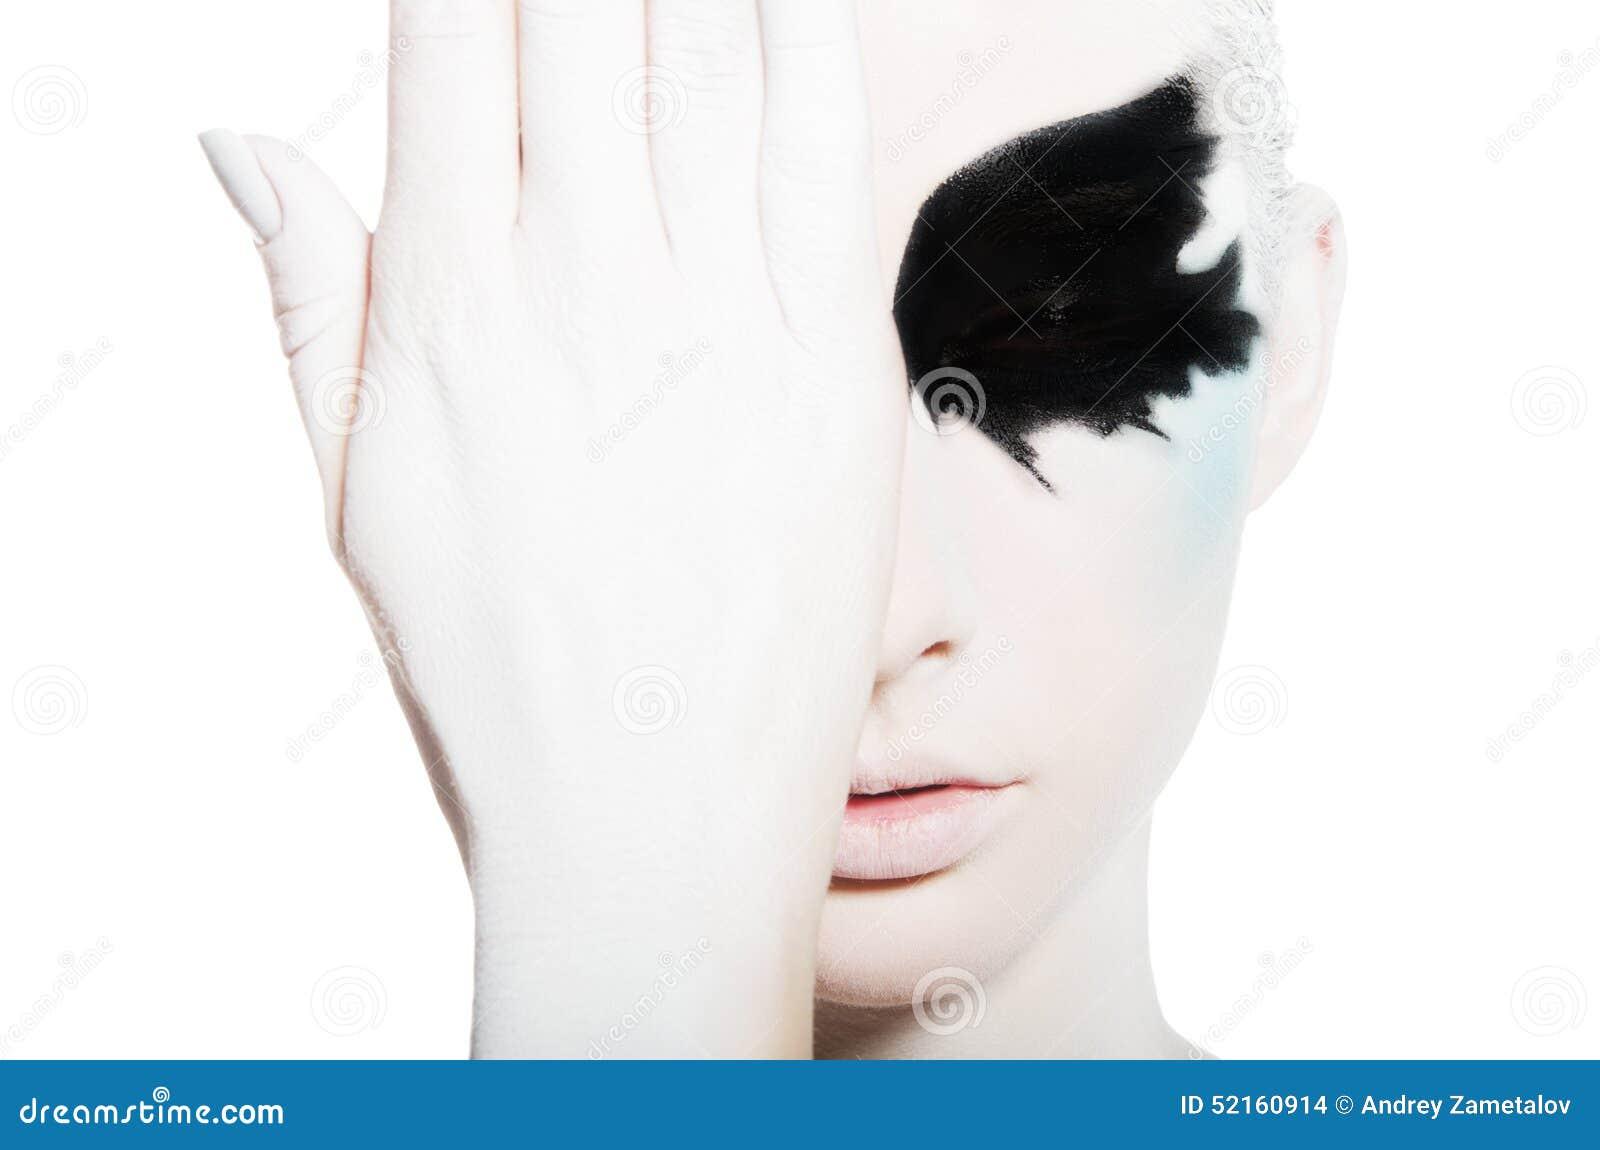 jeune femme avec l 39 art noir et blanc de visage photo stock image 52160914. Black Bedroom Furniture Sets. Home Design Ideas